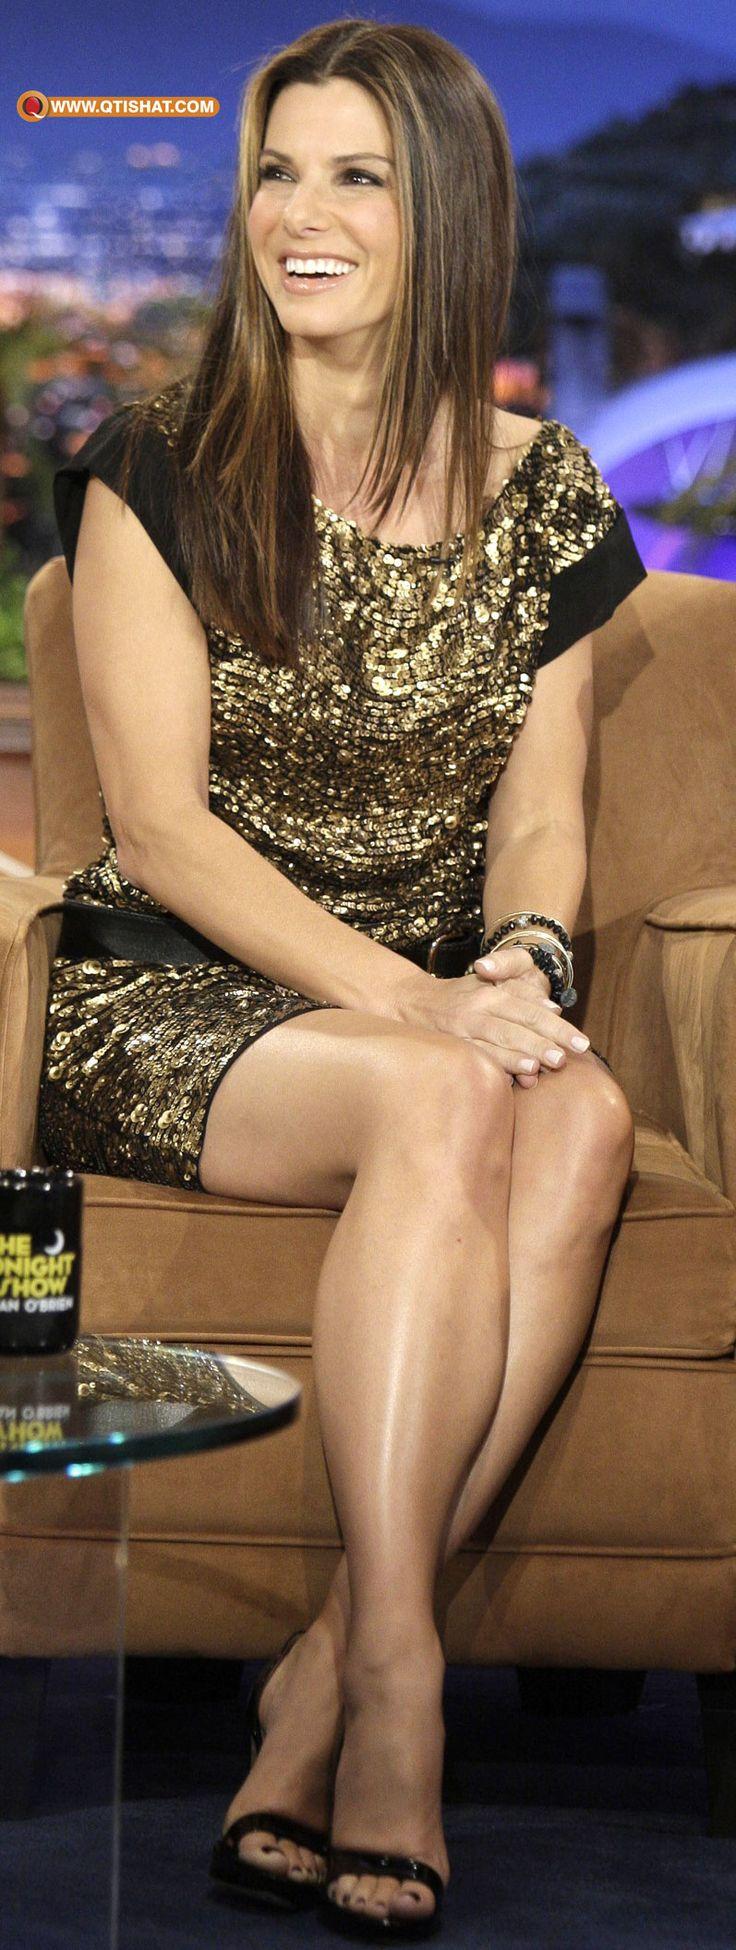 Sandra Bullock Legs | Sandra Bullock Hot Legs - Hot Female Celebrities | Sinalco Friends A FOX FROM HEAD 2 TOE's 4sure. Rrrrrrrrrrrr.− MAMMA MIA!!!! NÃO É A TOA QUE É UMA DAS MAIS BELAS GATAS DOS ESTADOS UNIDOS E DO MUNDO!